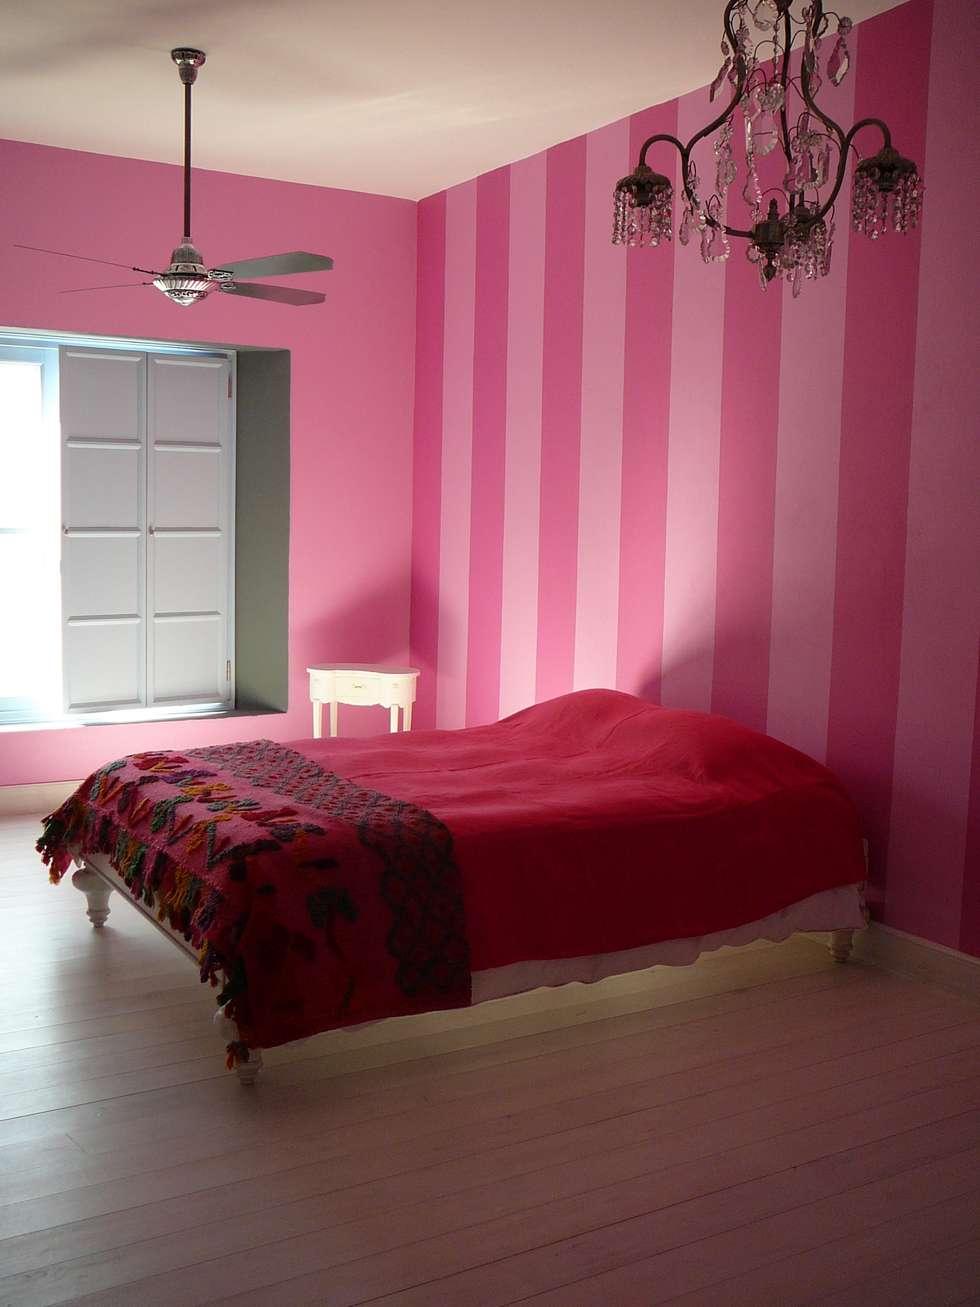 DORMITORIO A RAYAS: Dormitorios de estilo rústico por Estudio Dillon Terzaghi Arquitectura